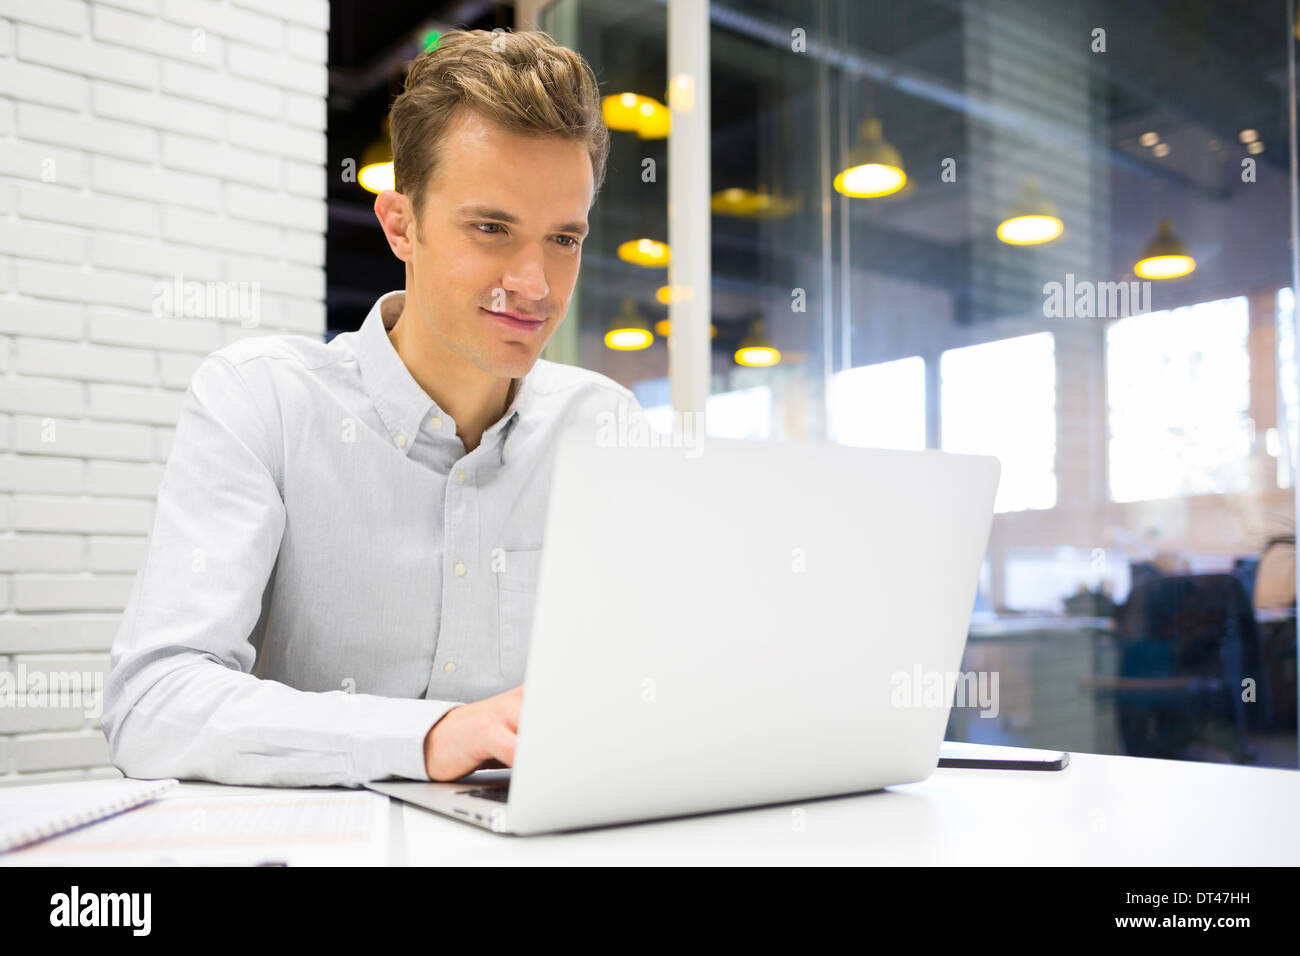 Mal negocio inicio escritorio de ordenador Imagen De Stock